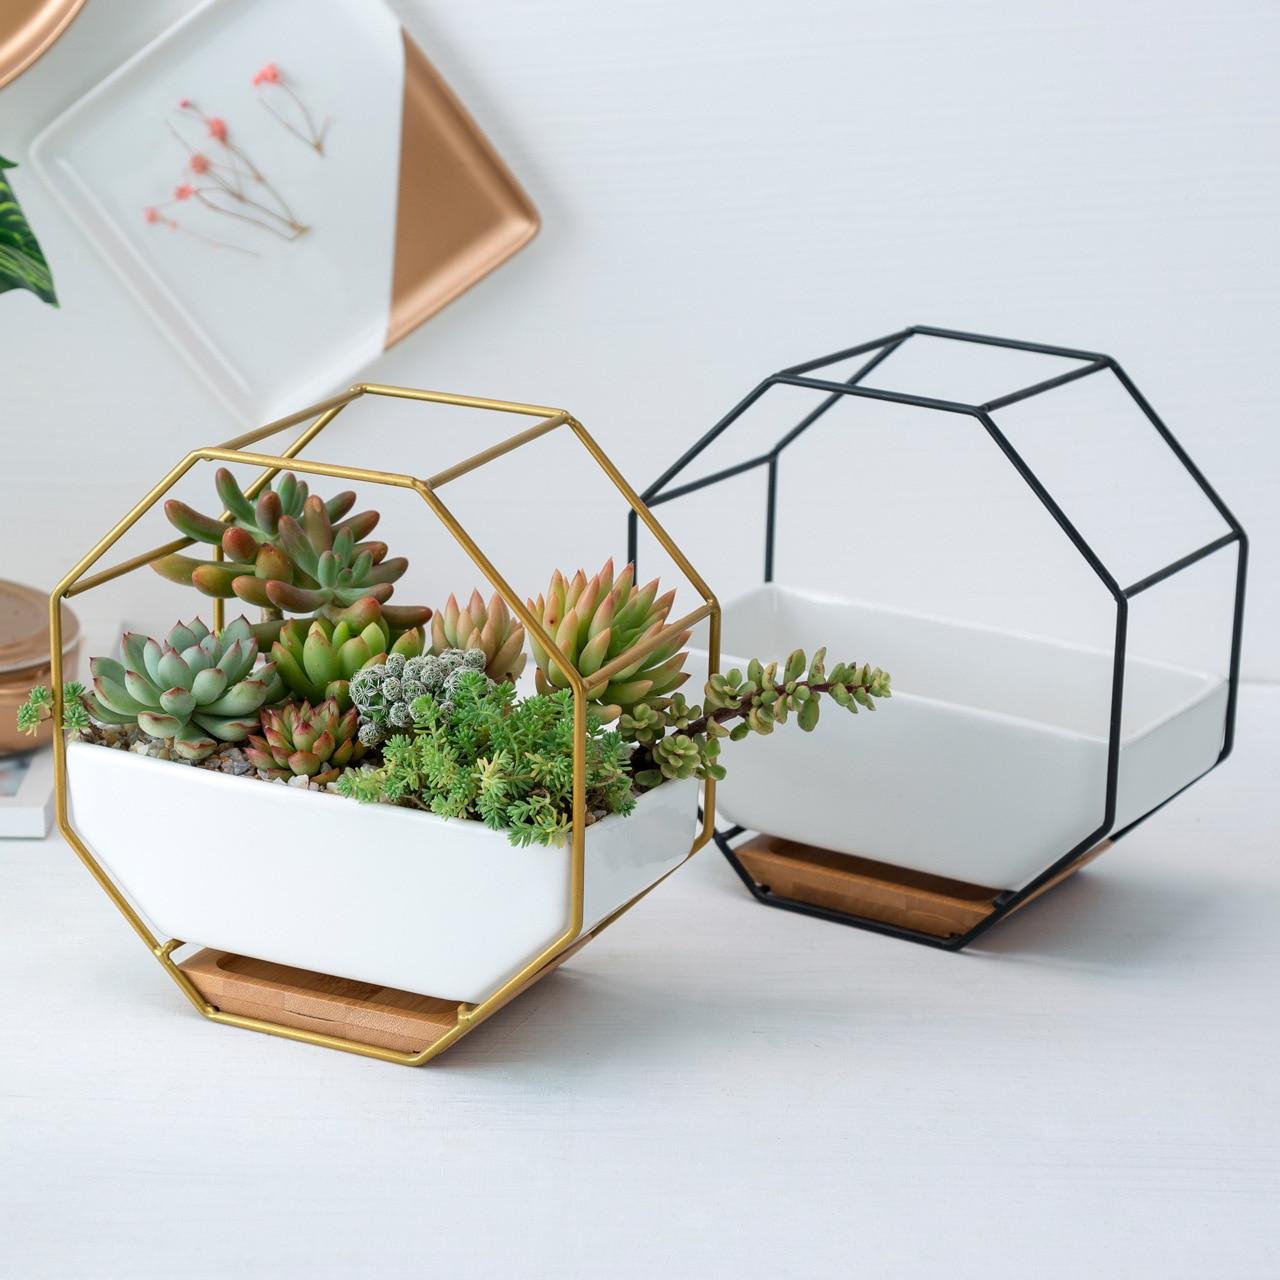 Eenvoudige Achthoekige Geometrische Muur Opknoping Bloempotten Zwarte Goud Metalen Ijzeren Rek Keramische Planter Bloempot Bamboe Lade Ijzeren Frame Betrouwbare Prestaties